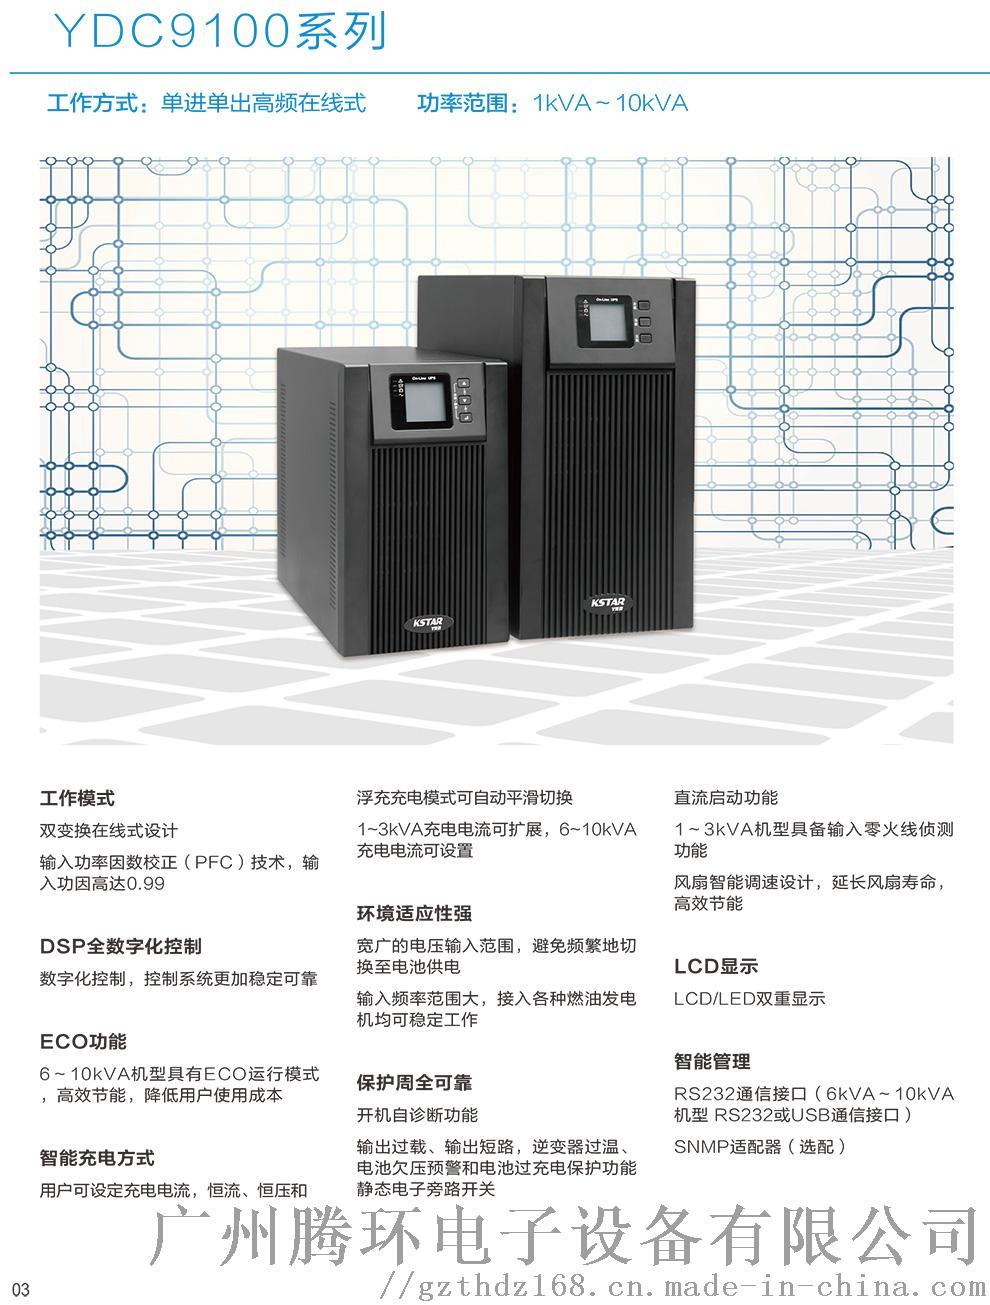 科士达UPS电源YDC9100系列2KVA主机127031295